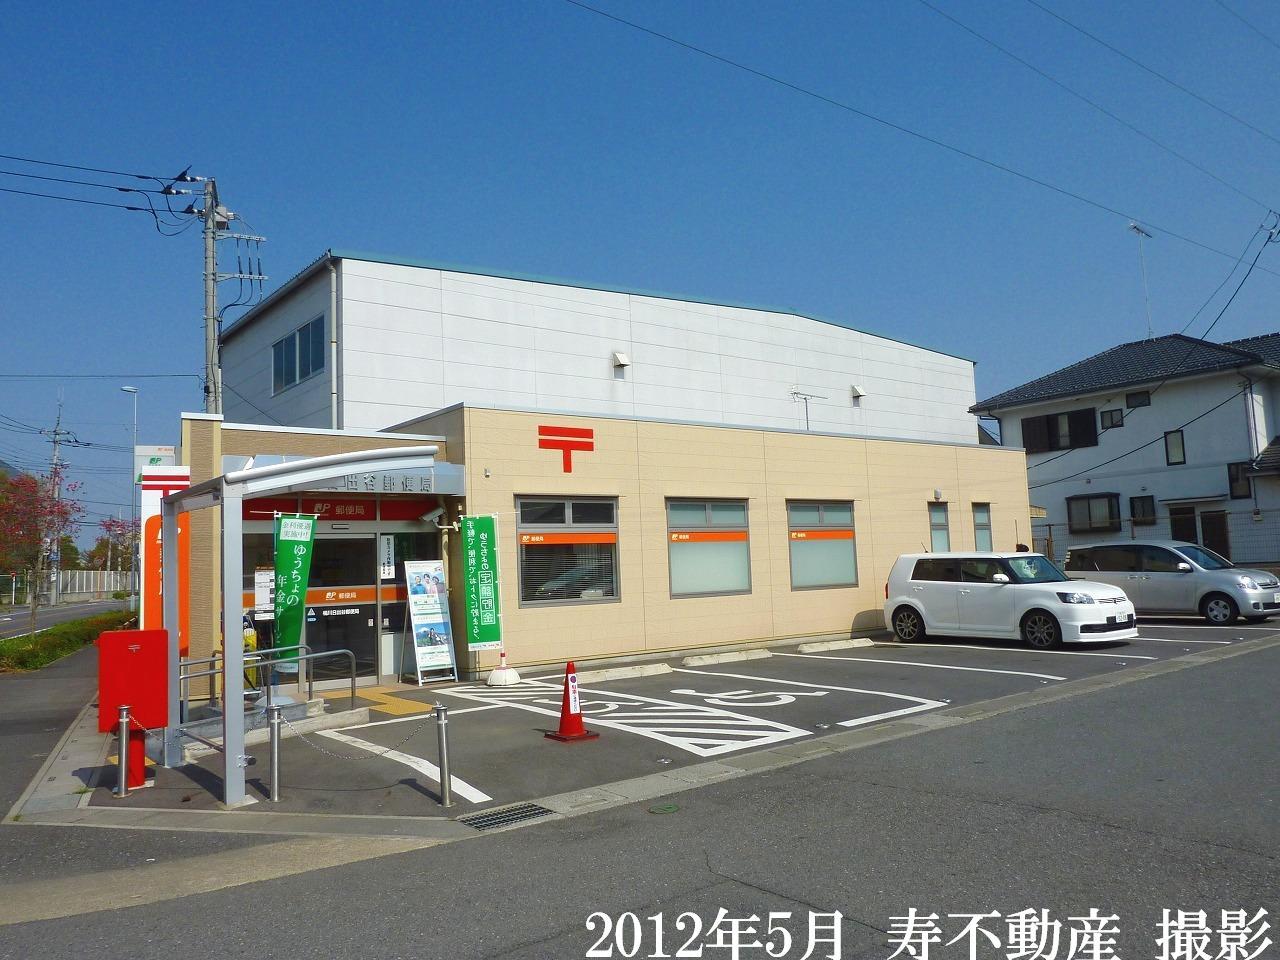 郵便局 桶川日出谷郵便局(郵便局)まで1007m